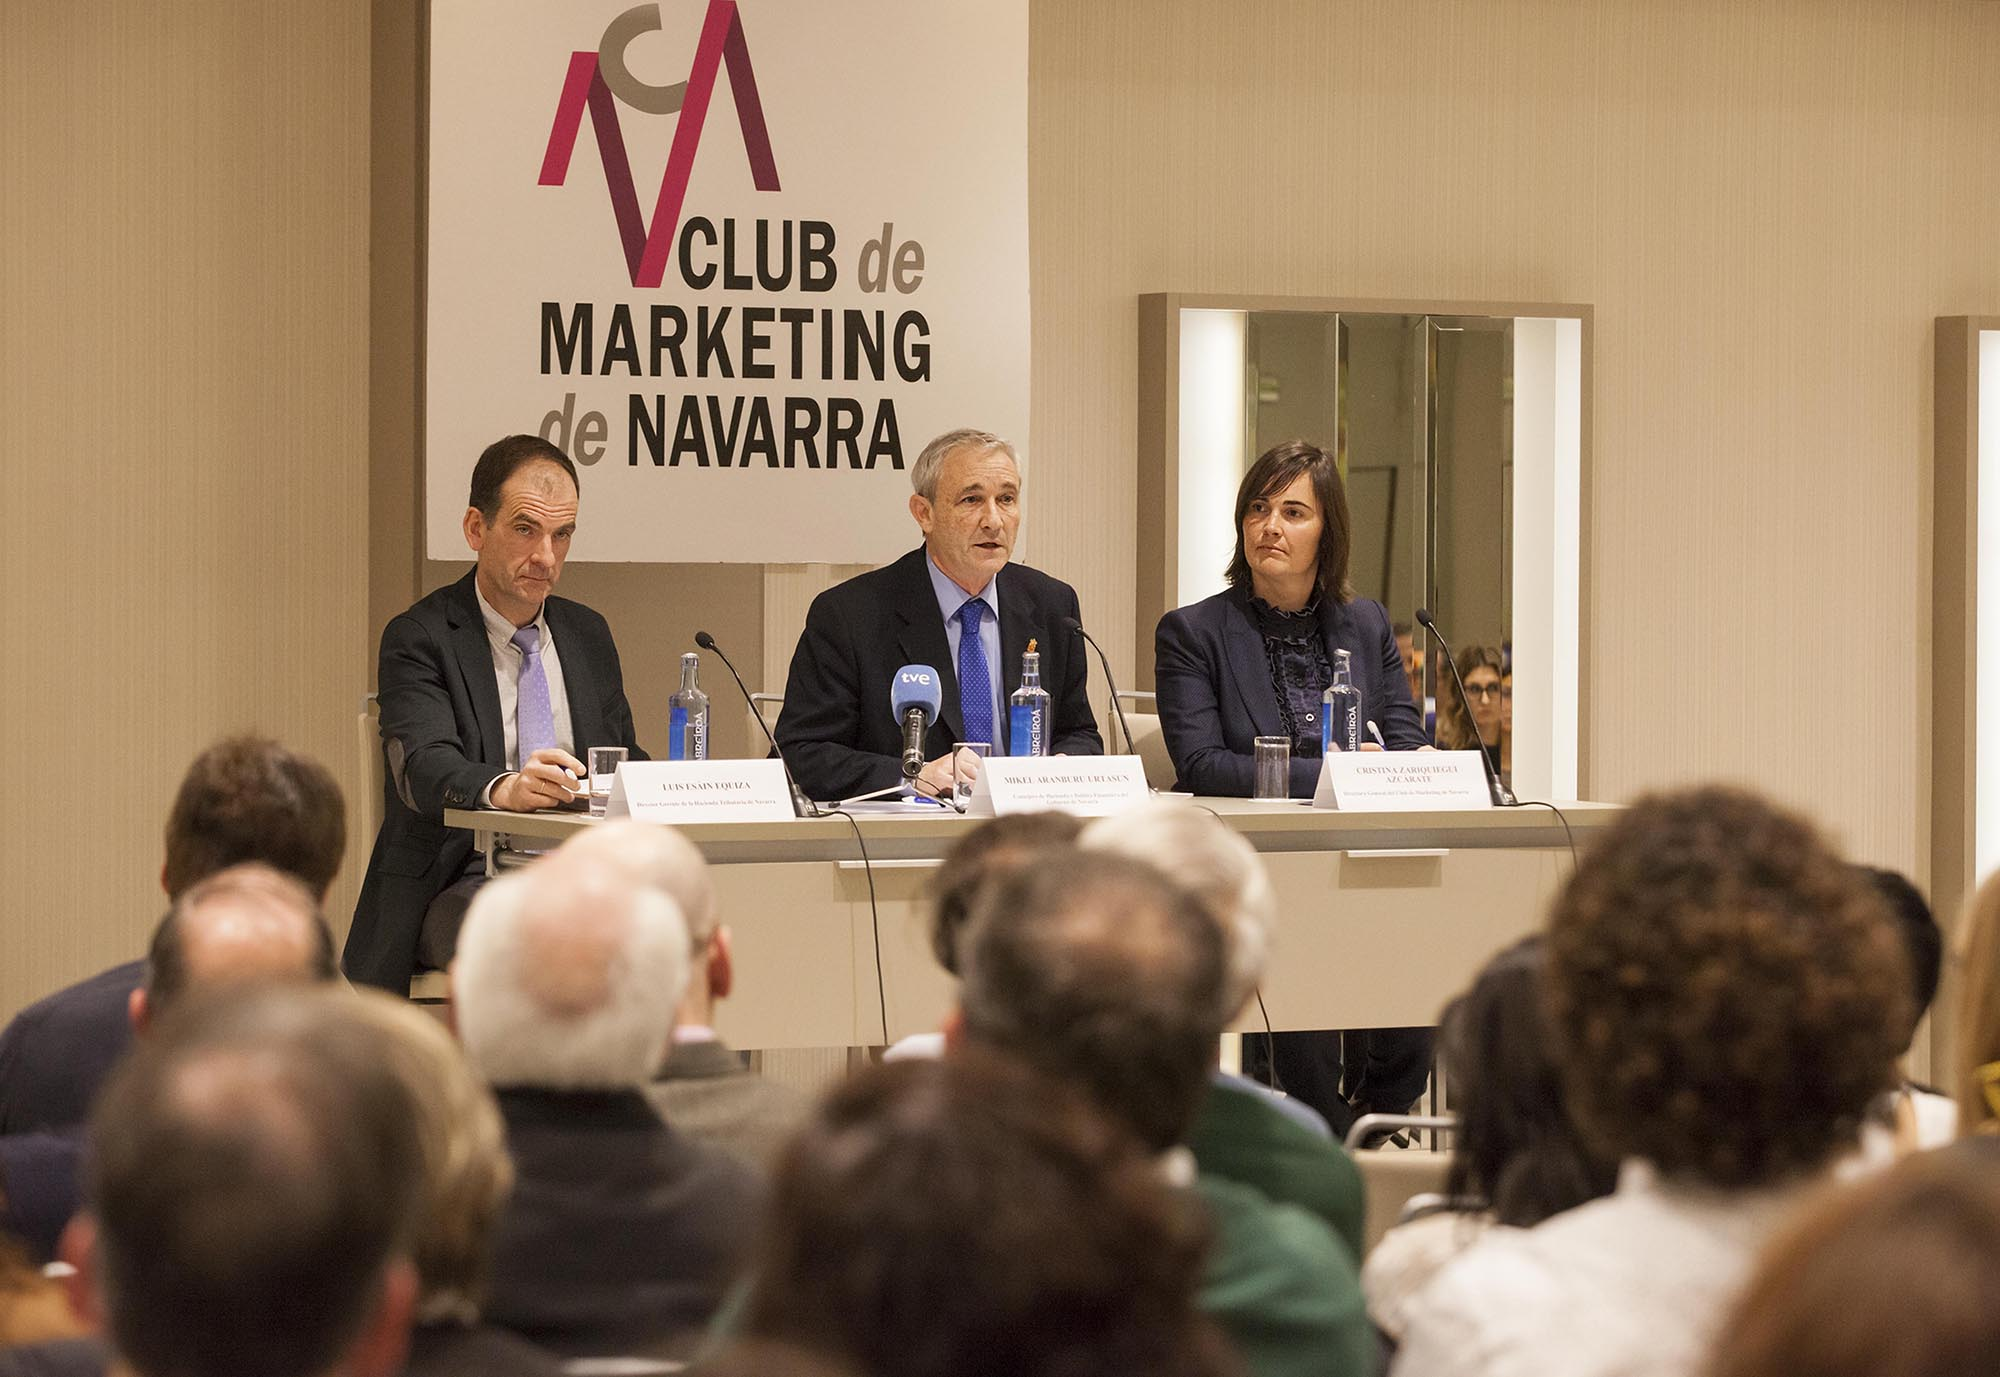 De I a D: Luis Esain (Hacienda Navarra), Mikel Aramburu y Cristina Zaratiegui (Club de Marketing de Navarra).